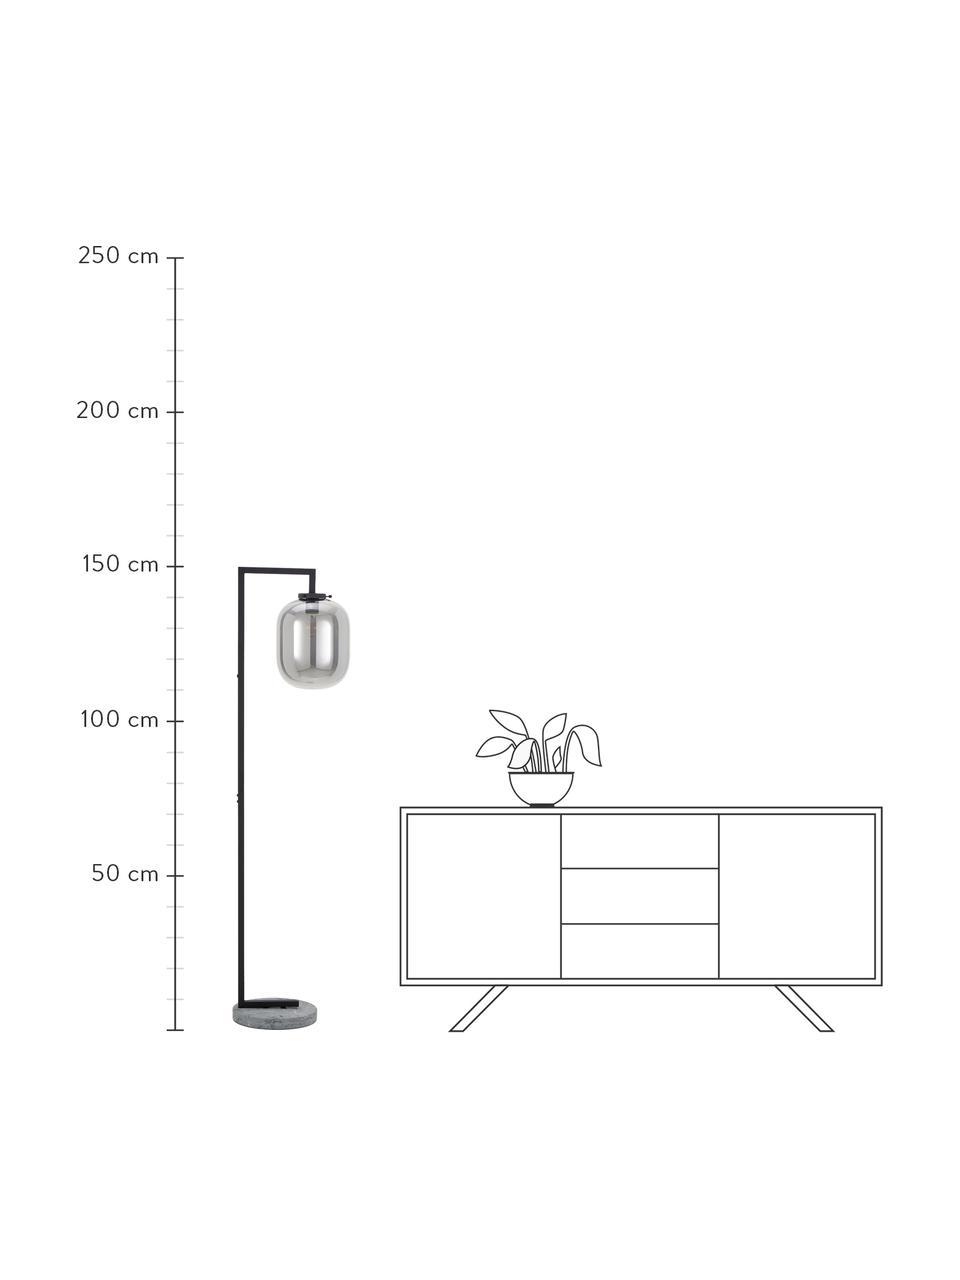 Lampa podłogowa z marmurową podstawą i szklanym kloszem Leola, Stelaż: metal lakierowany, Odcienie chromu, czarny, S 38 x W 150 cm